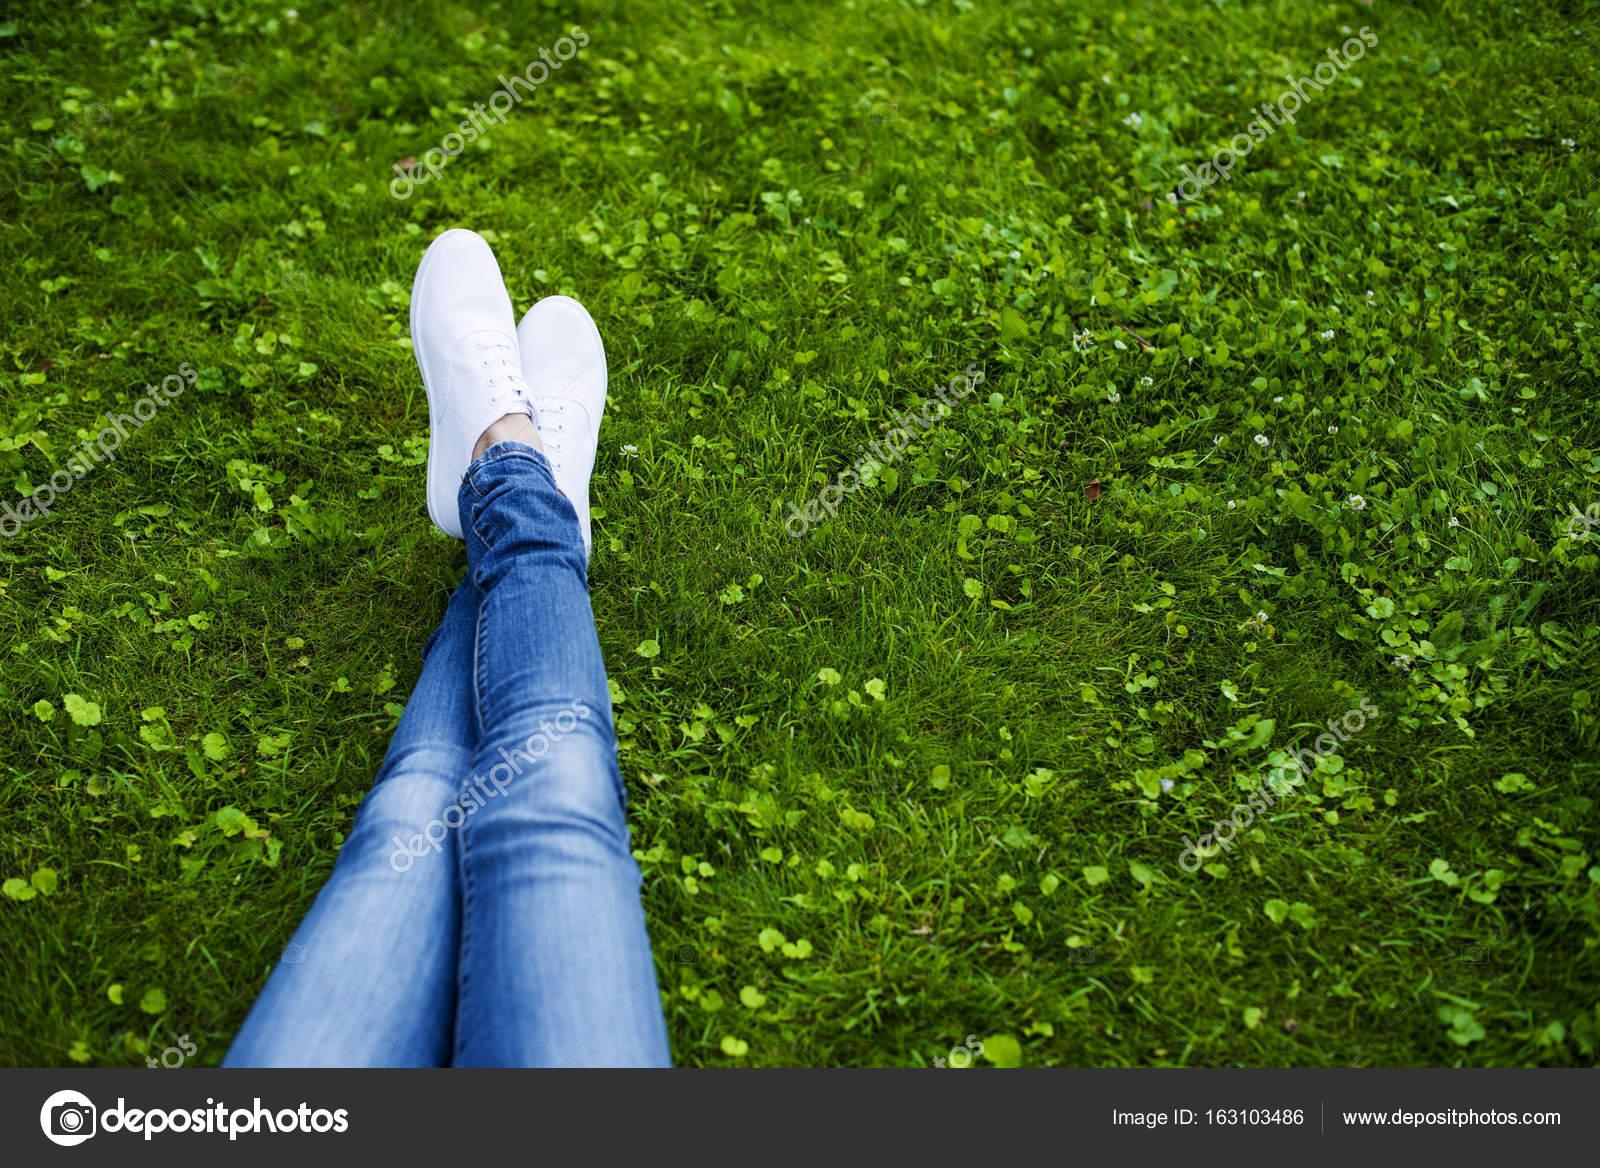 433e38fe1 Pés de mulher em tênis branco na grama verde brilhante no parque — Foto de  saragolfart@gmail.com